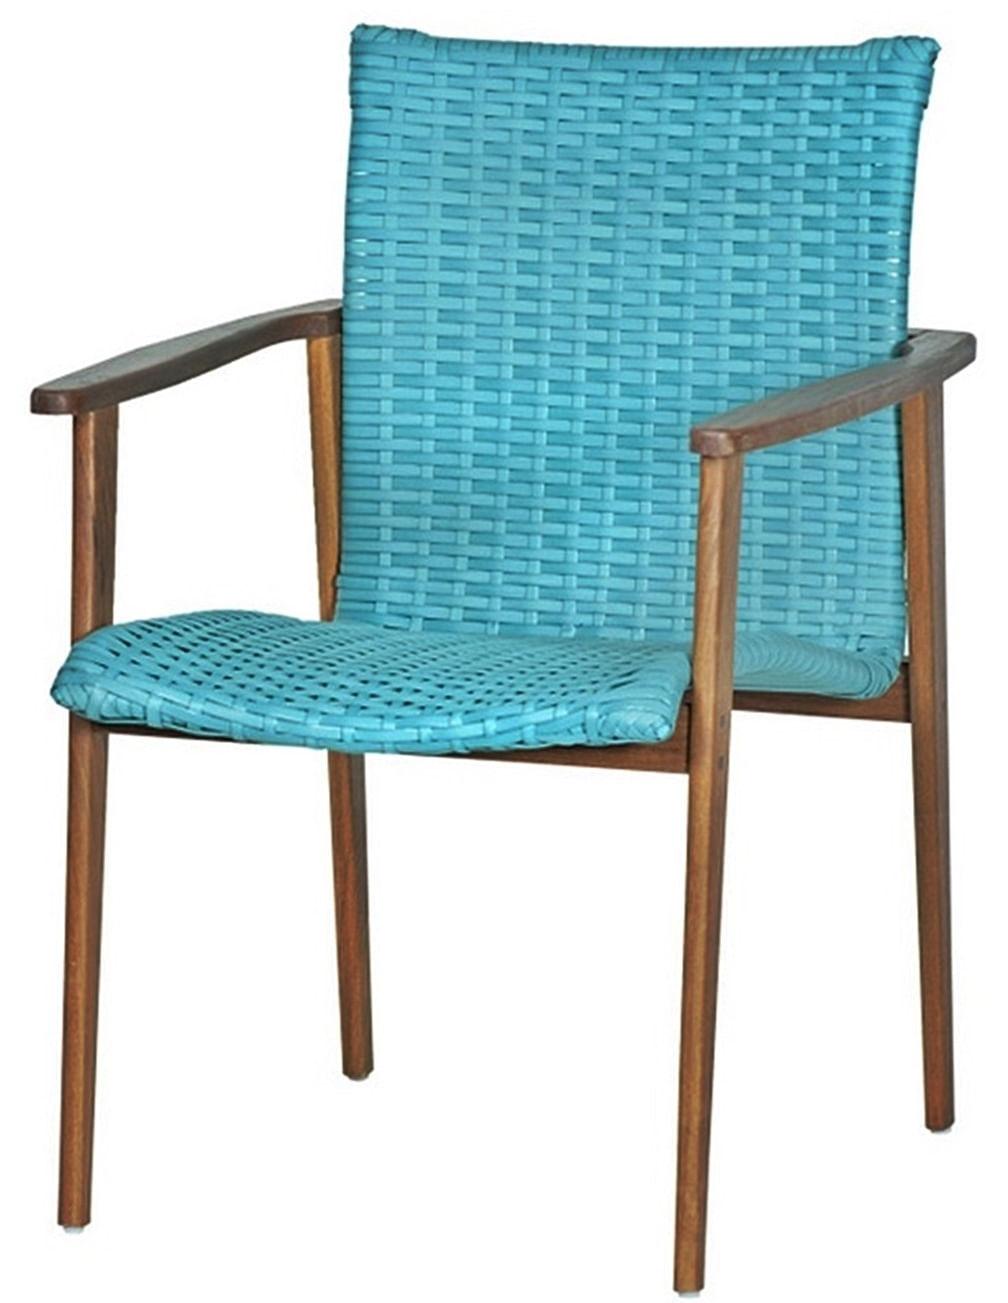 Cadeira Pierre Assento Revestido Fibra cor Piscina com Base Madeira Cumaru - 44717